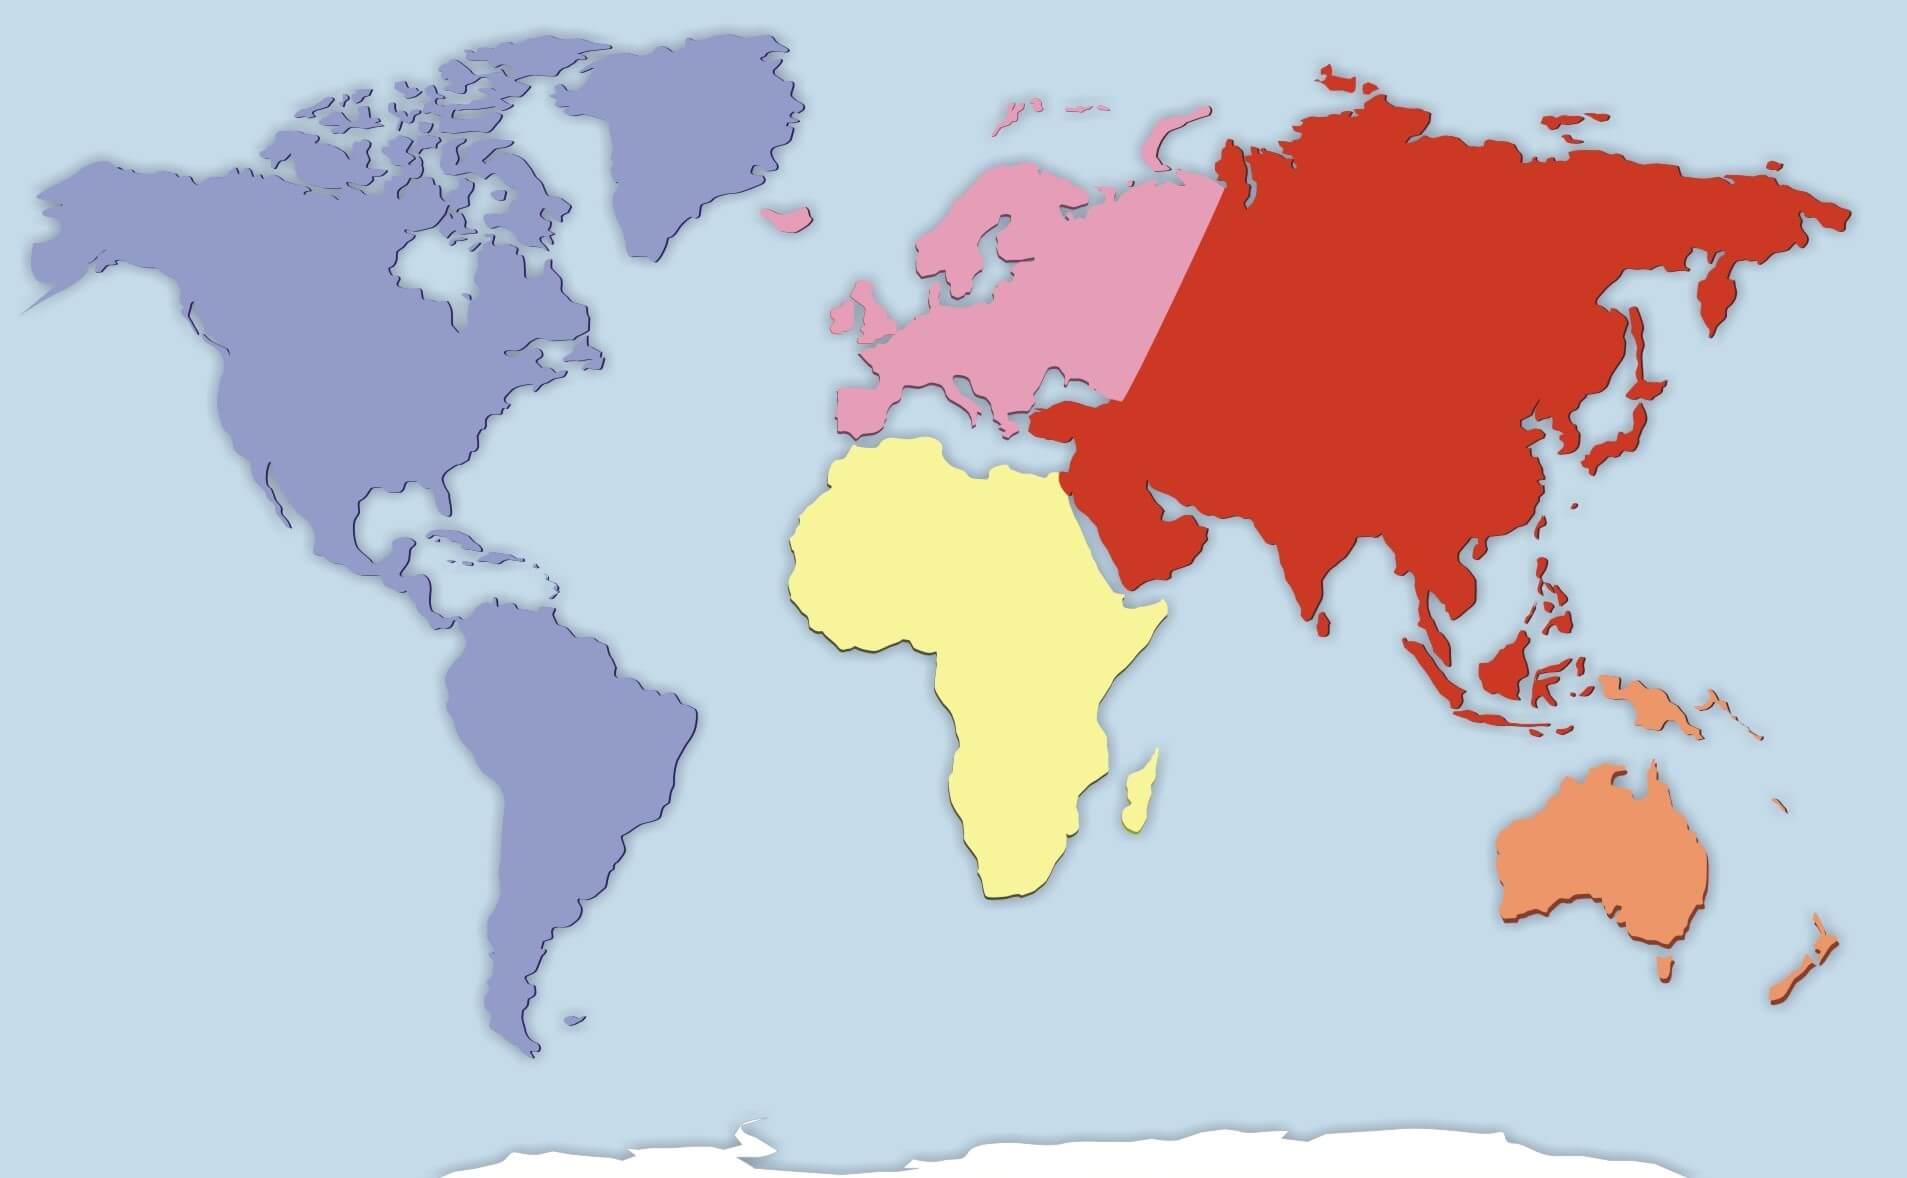 Los continentes son